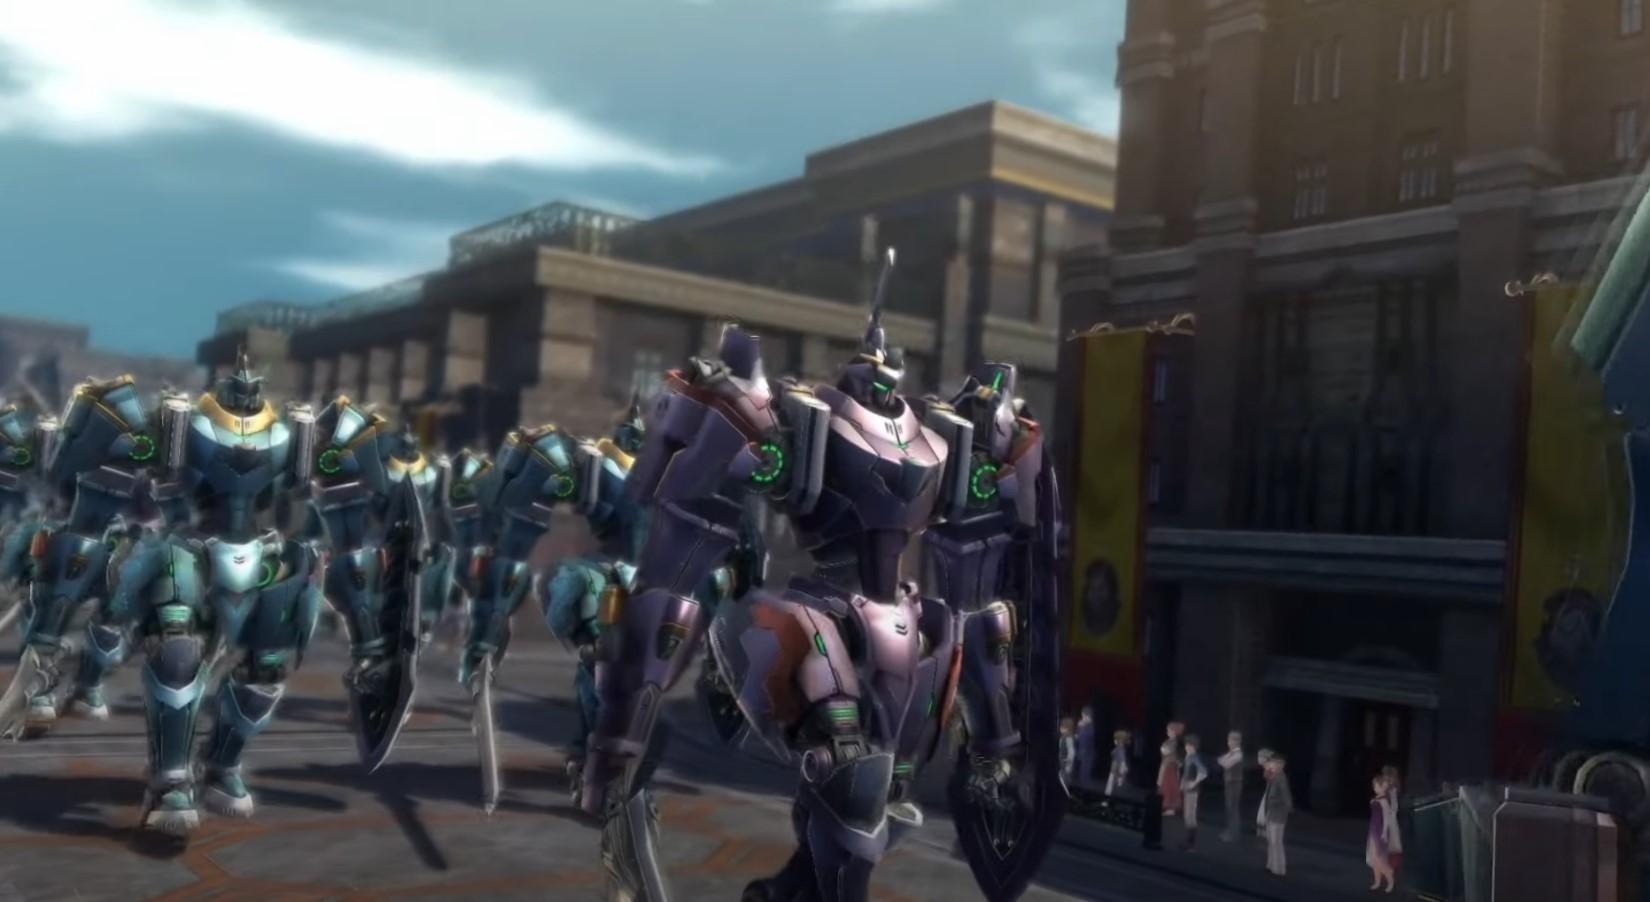 Станьте студентом войны в легенде о героях Следы холодного оружия Iv Новый сюжетный трейлер (1)